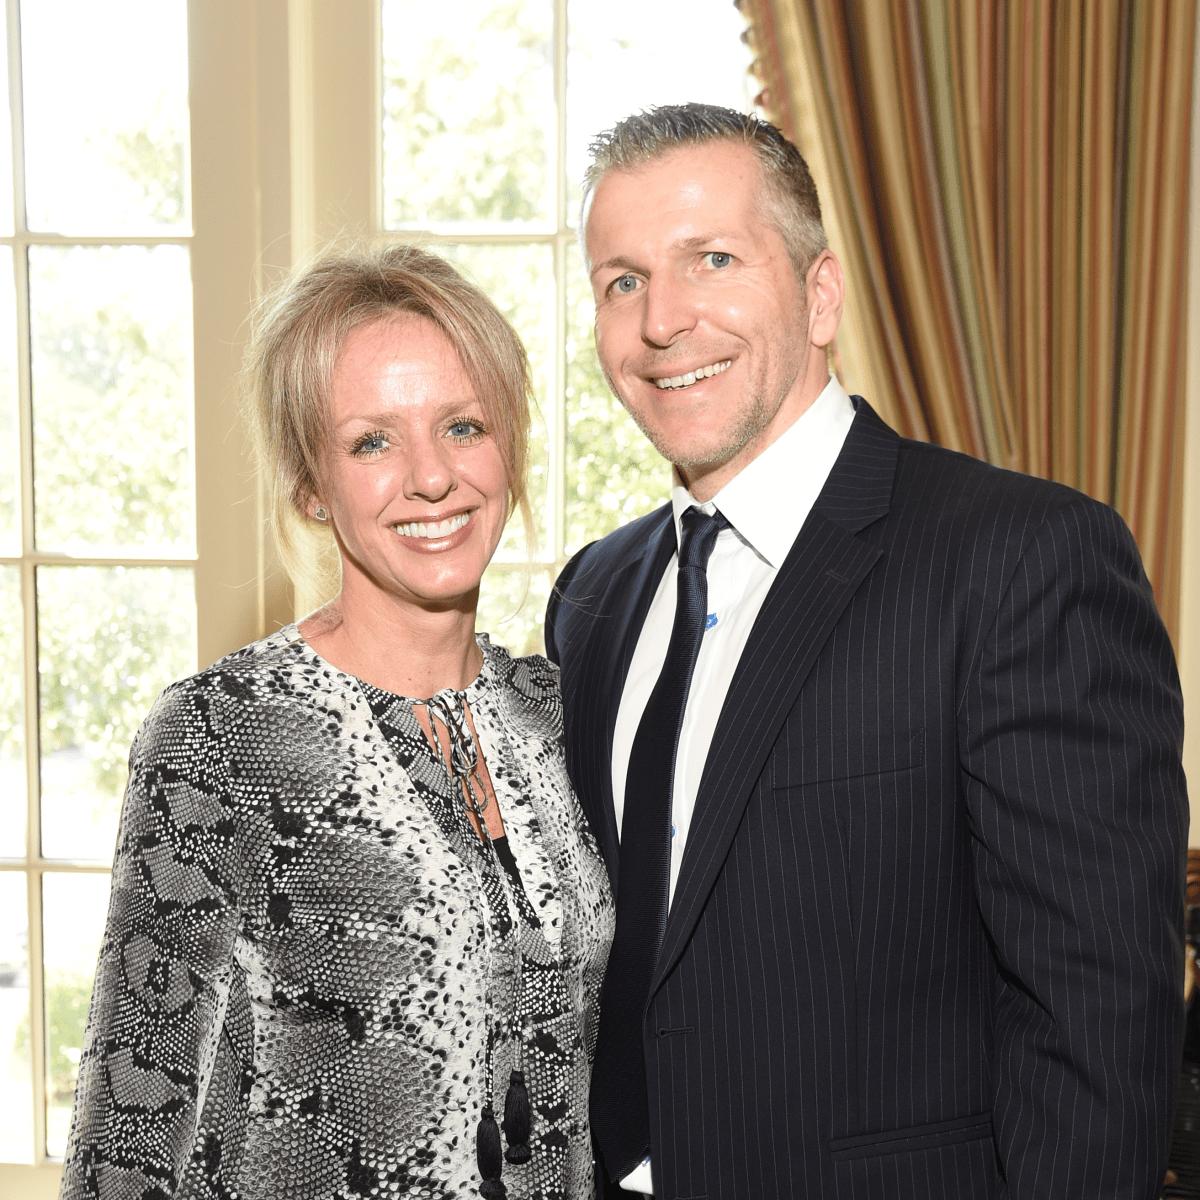 Assistance League Luncheon 2015 Julie Grayum and Gordon Rentzsch